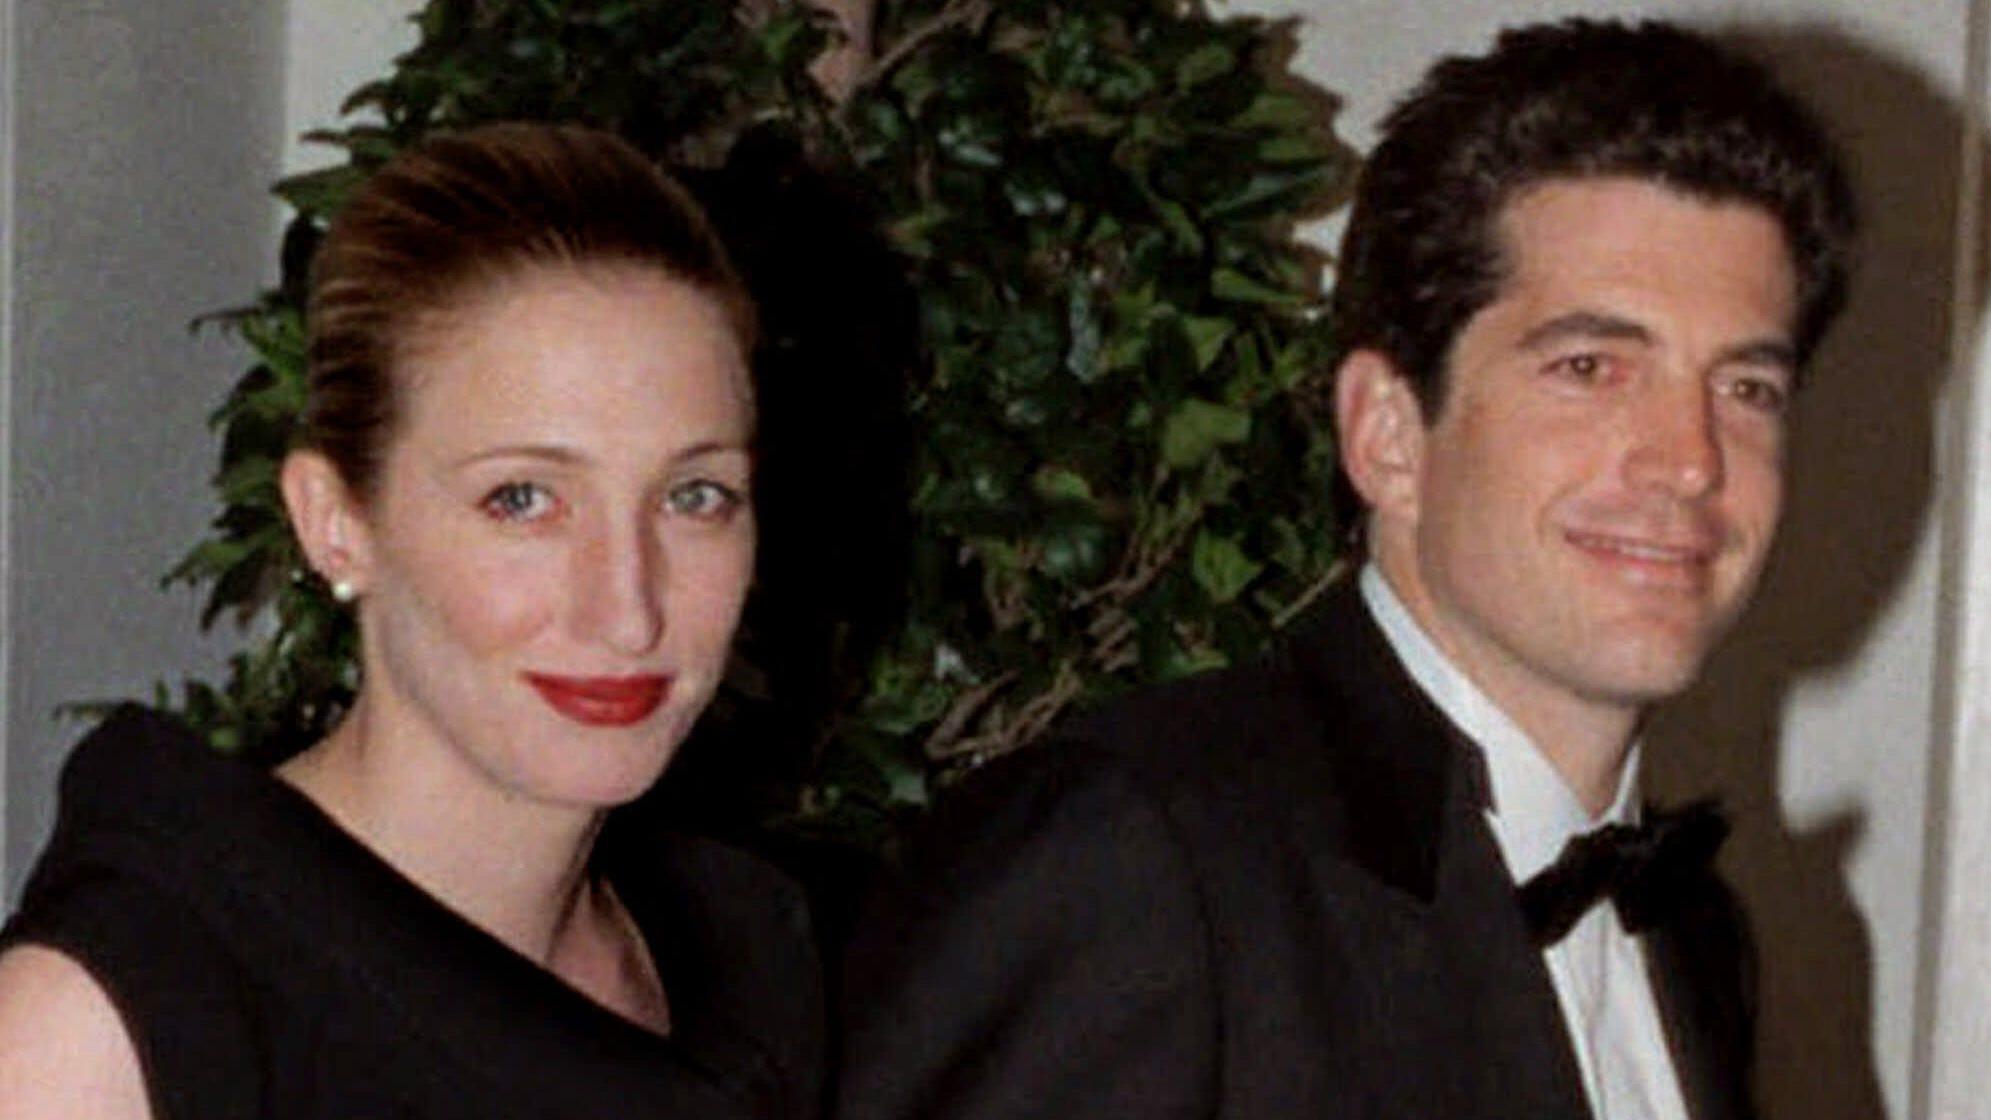 Jfk Jr Carolyn Bessette Secret Wedding Tapes Revealed On Tlc Special